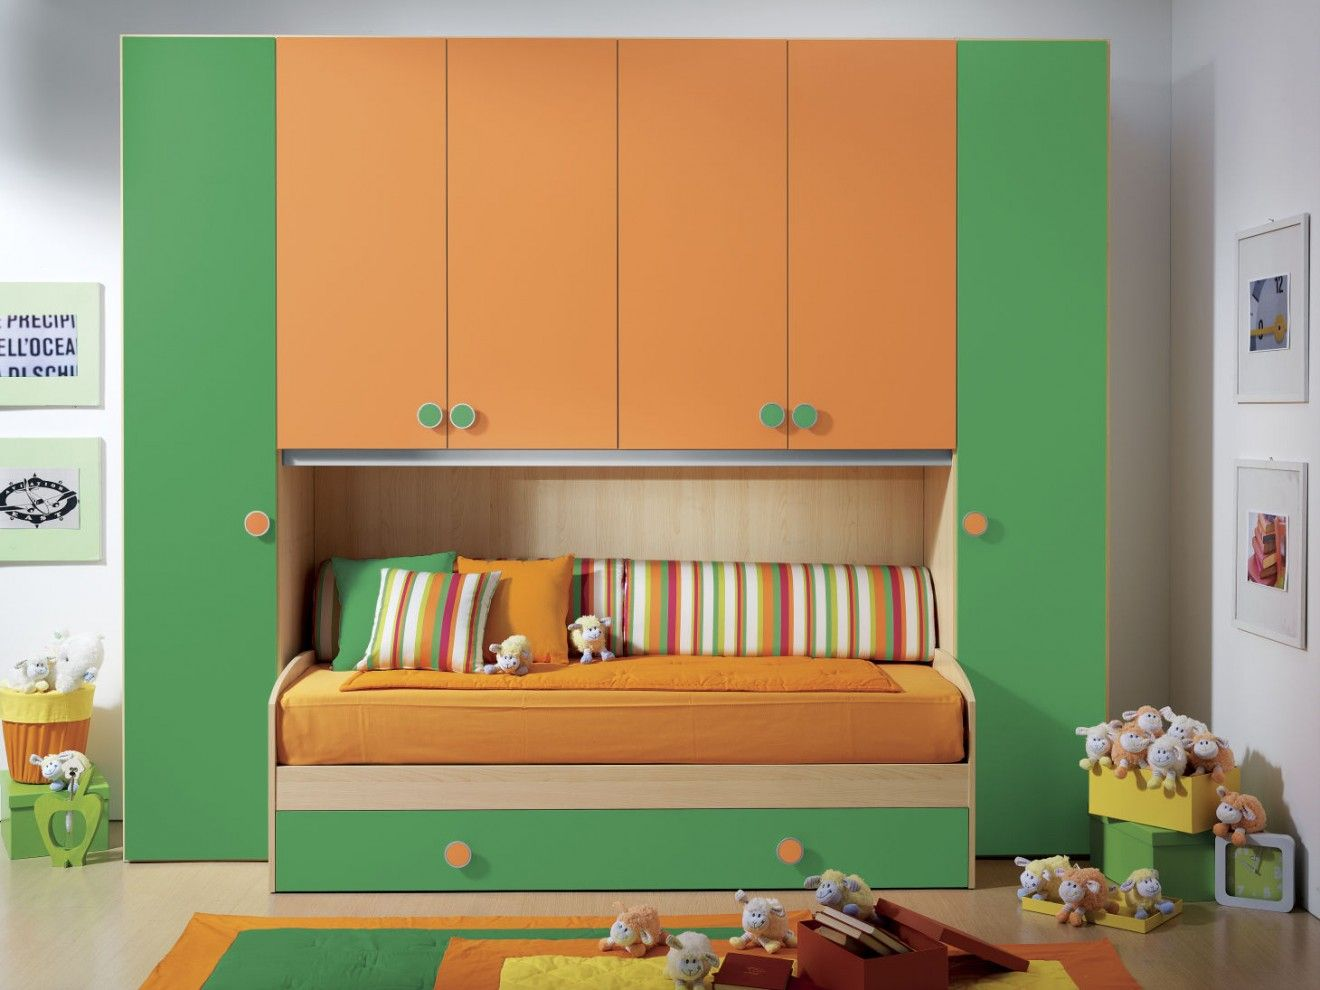 Design Camerette ~ Cameretta a ponte giulio #furnishing #bedroom #camerette #design